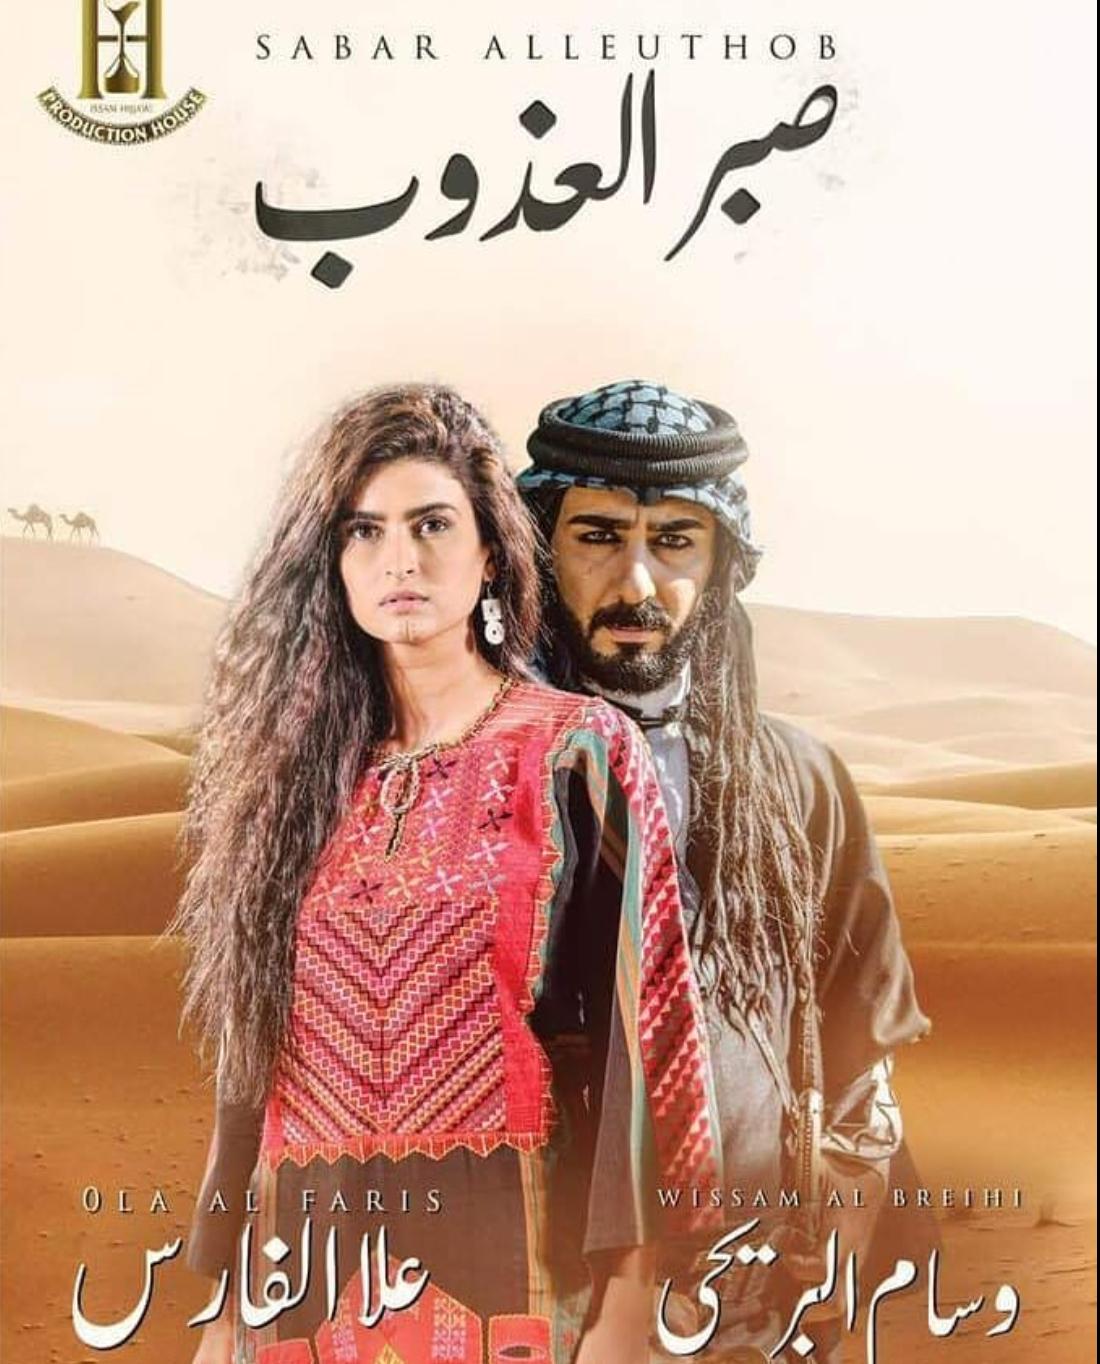 احداث وتفاصيل الحلقة 27 مسلسل صبر العذوب رمضان 2019